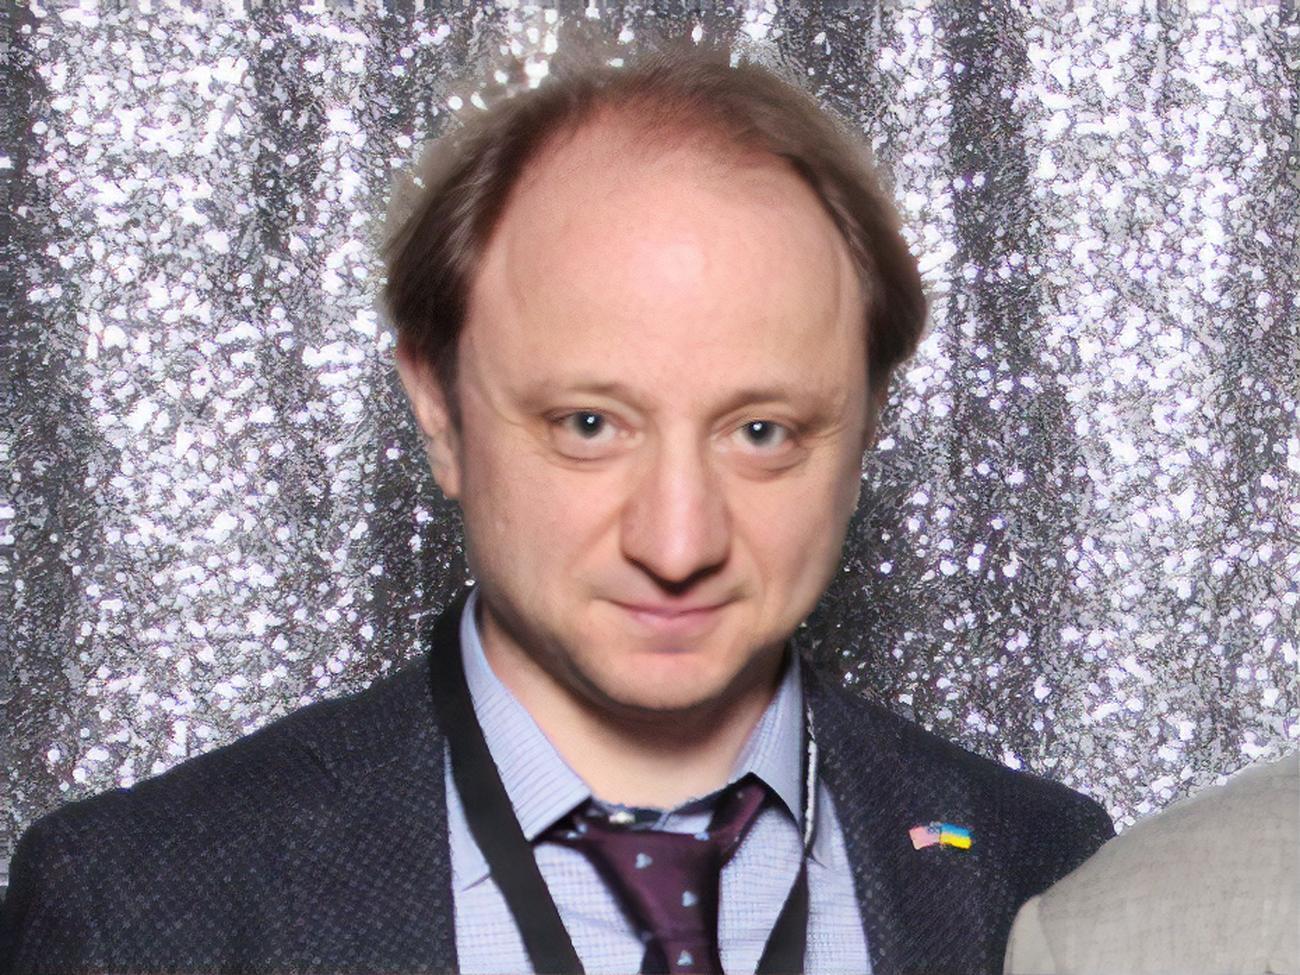 США отменили SSL-сертификат для ФСБ России. Это невероятно – IT-бизнесмен из США Талан